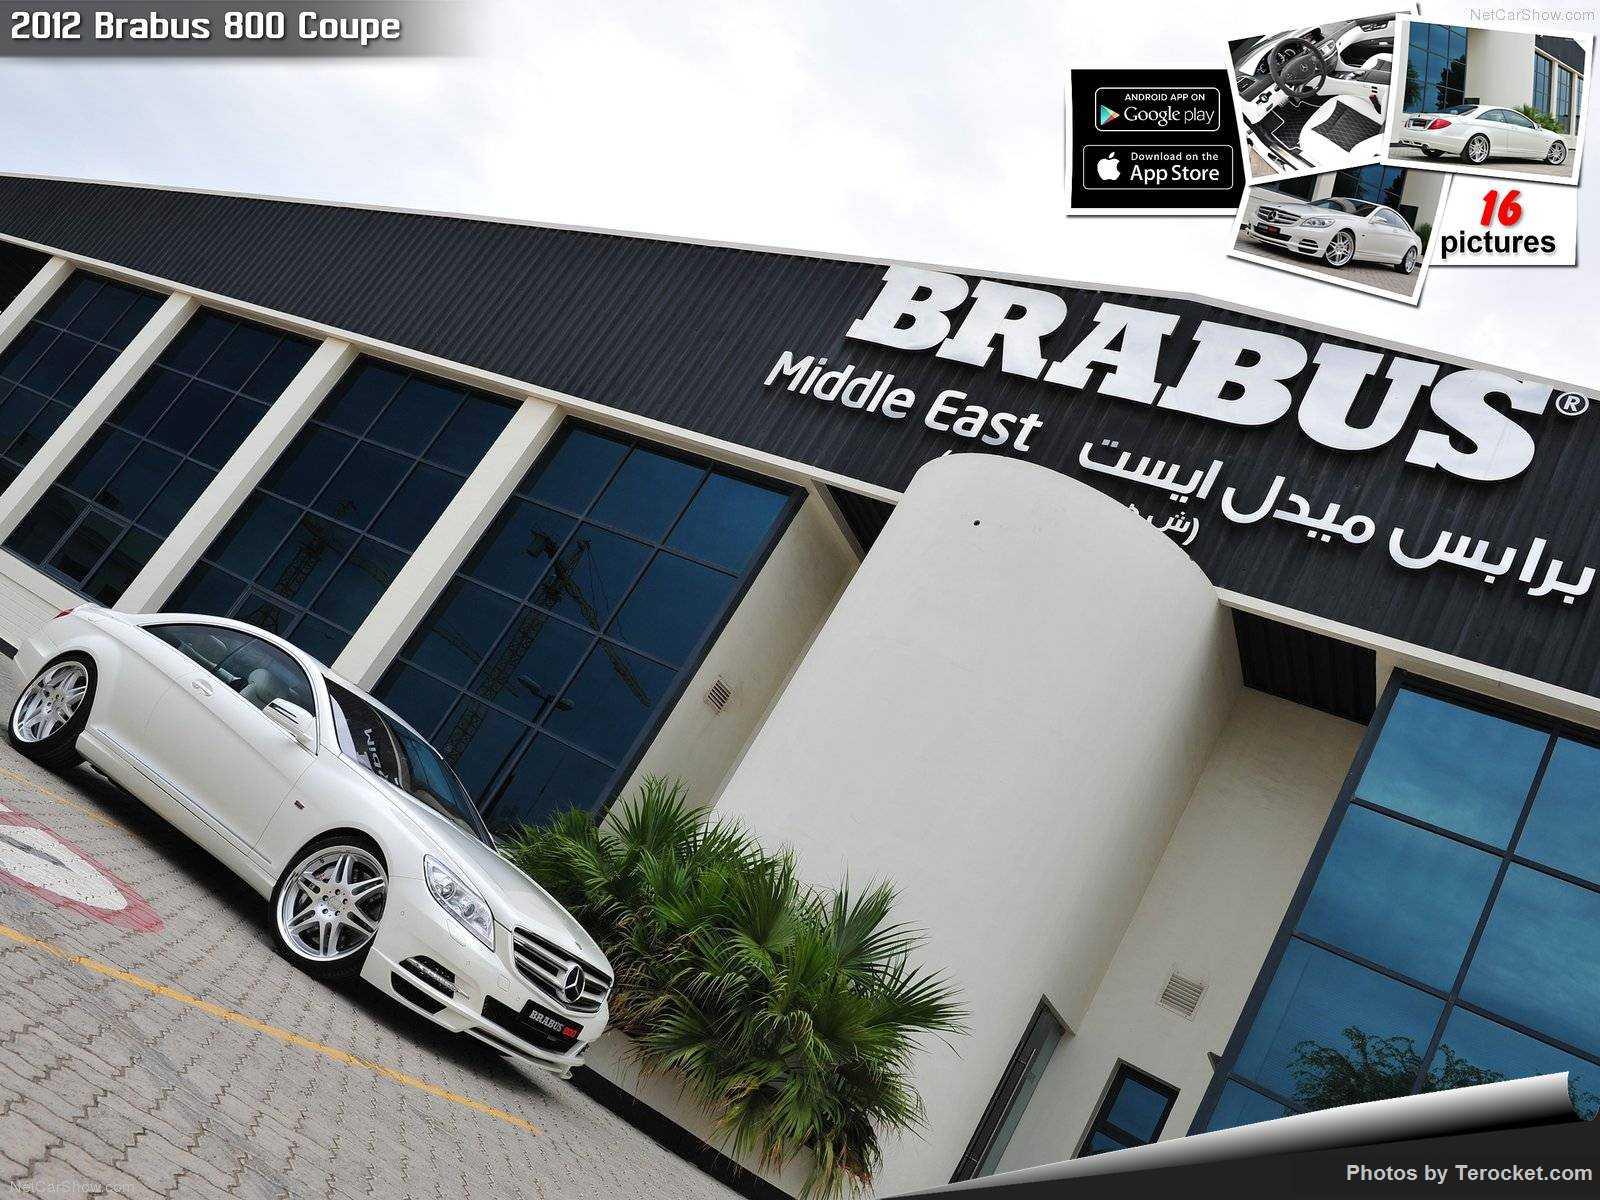 Hình ảnh xe ô tô Brabus 800 Coupe 2012 & nội ngoại thất